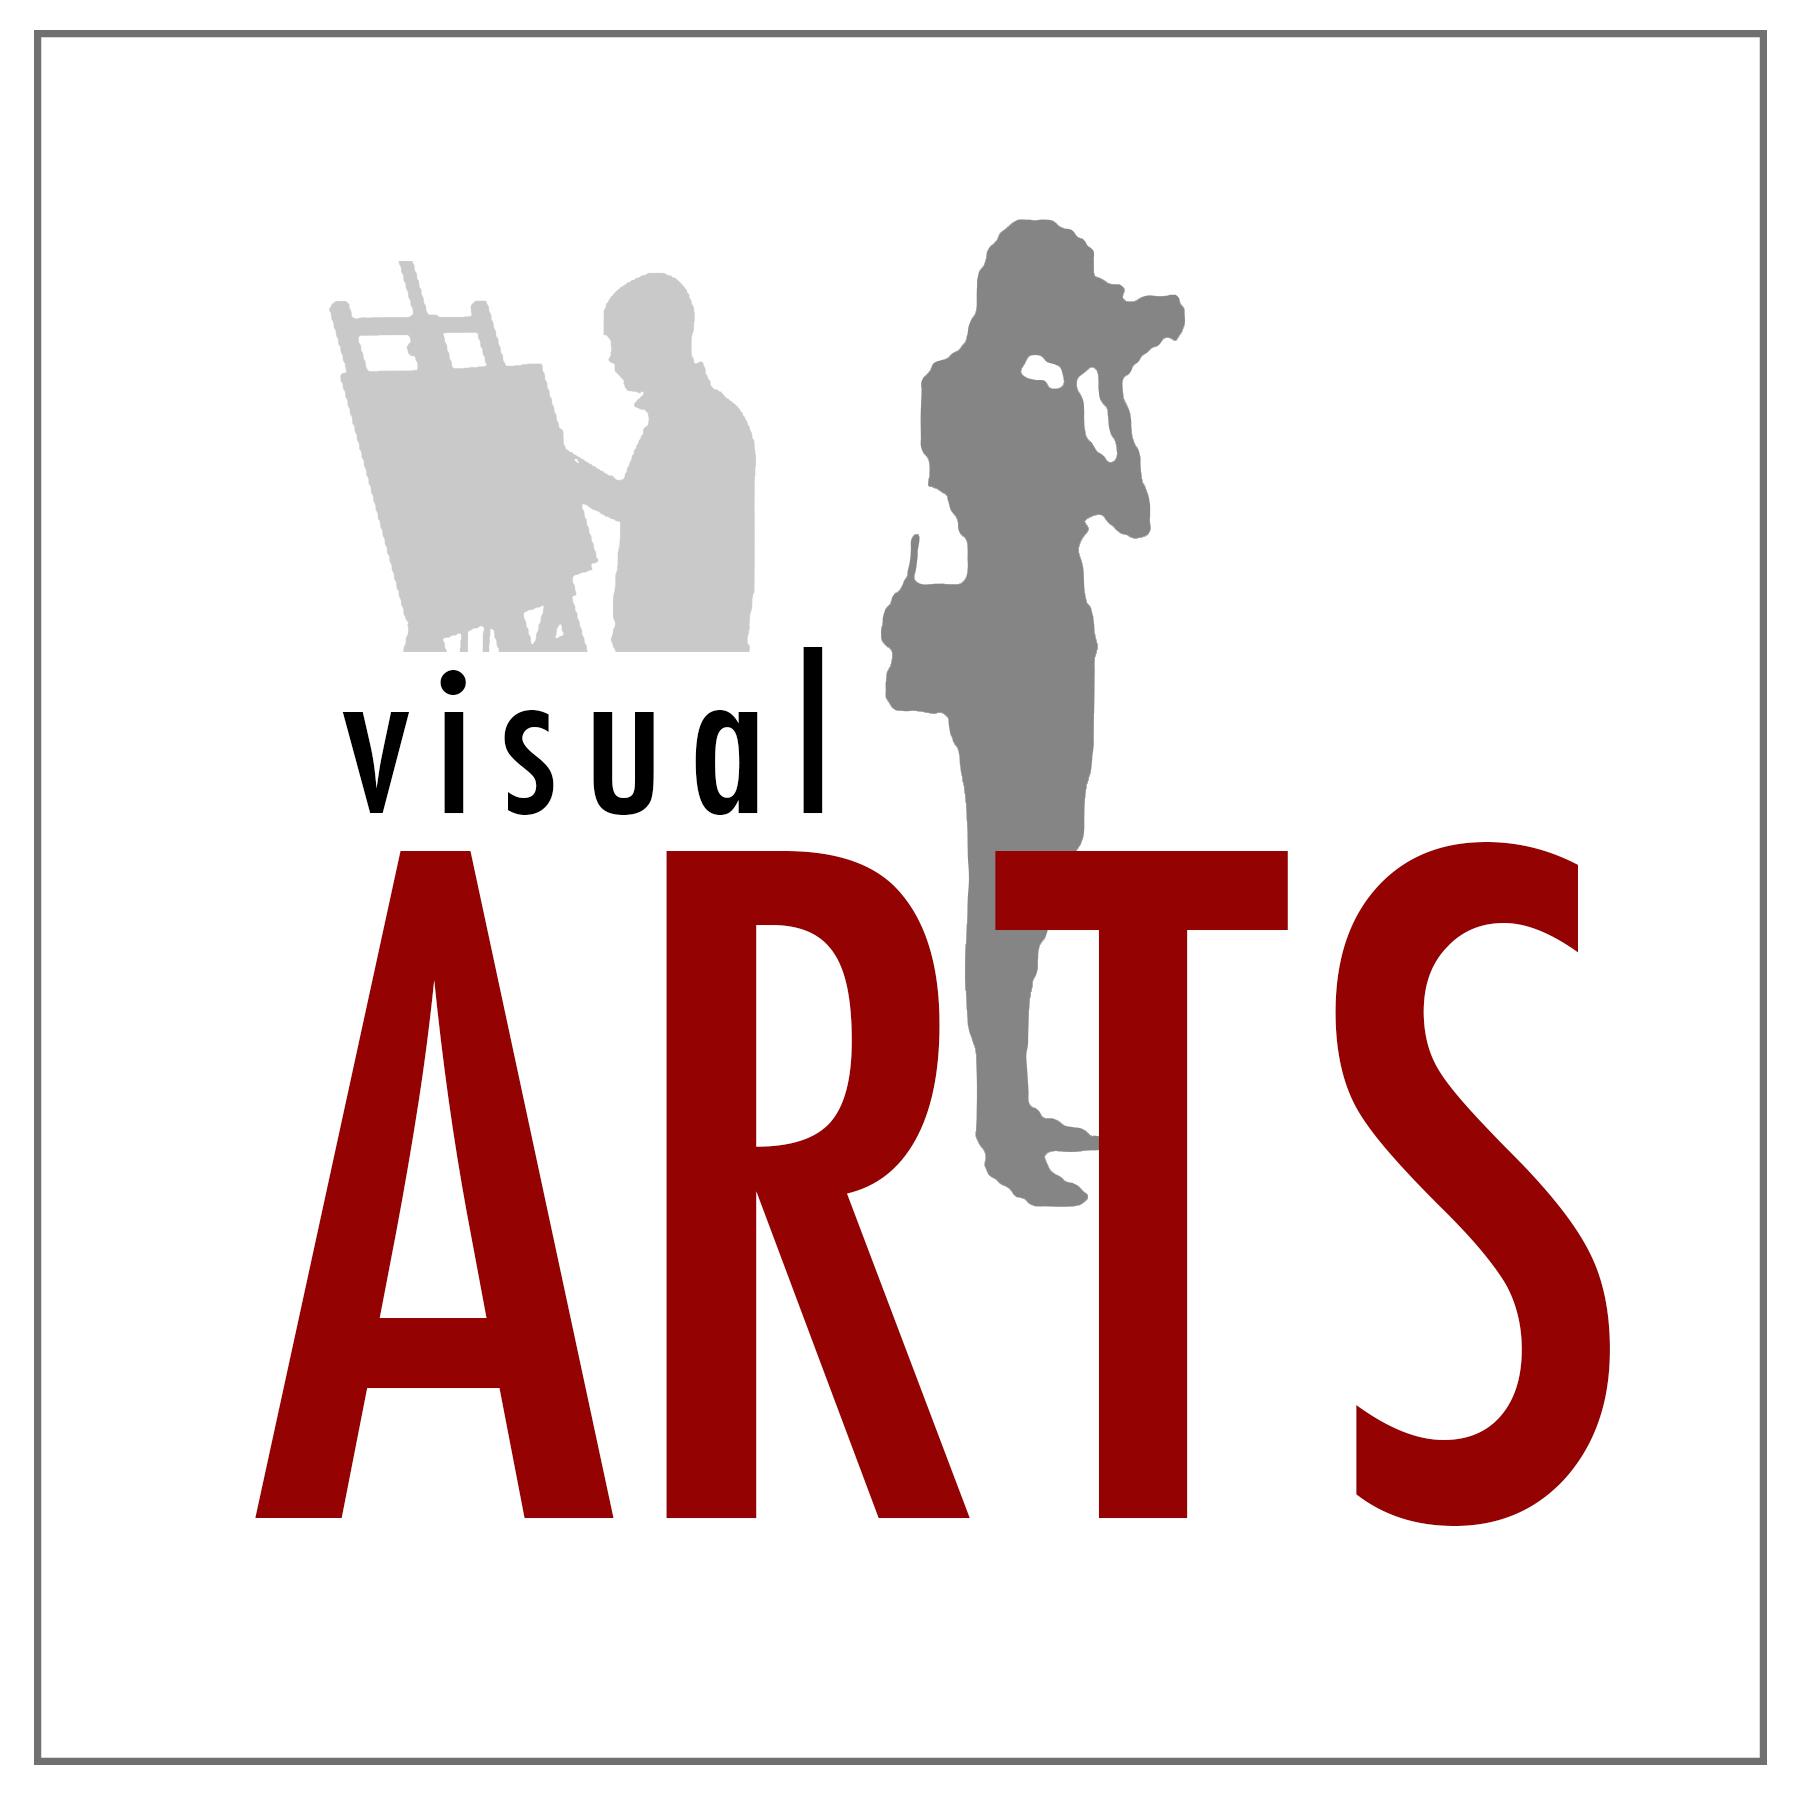 visualartslogo.jpg